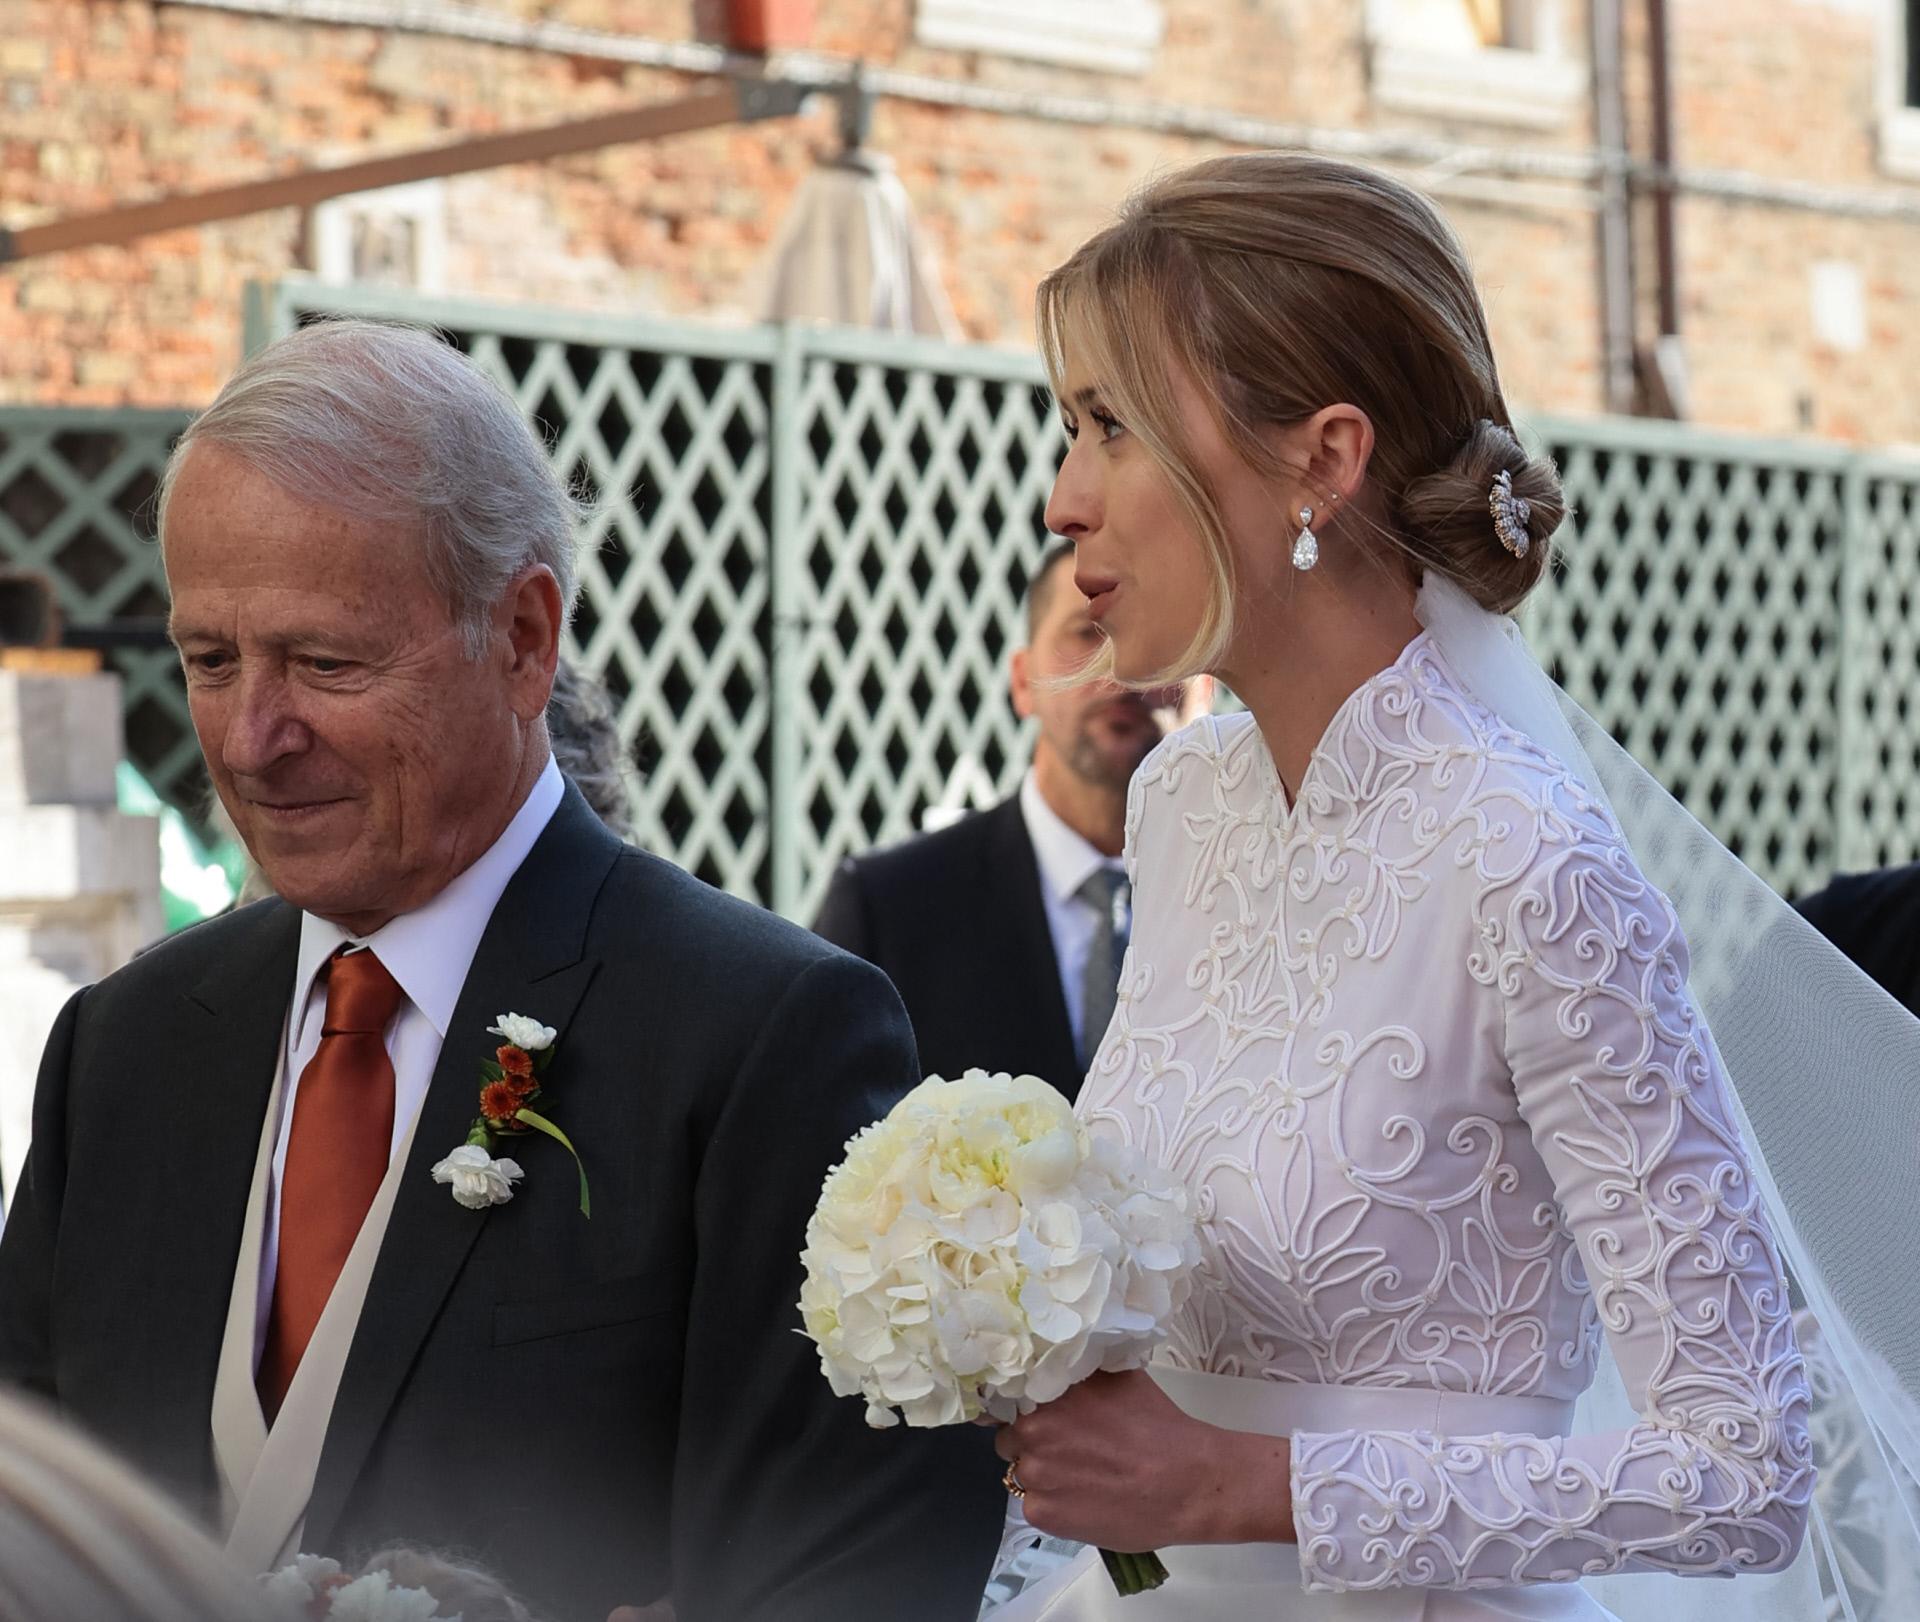 Geraldine Guyot llega a su boda del brazo de su padre.